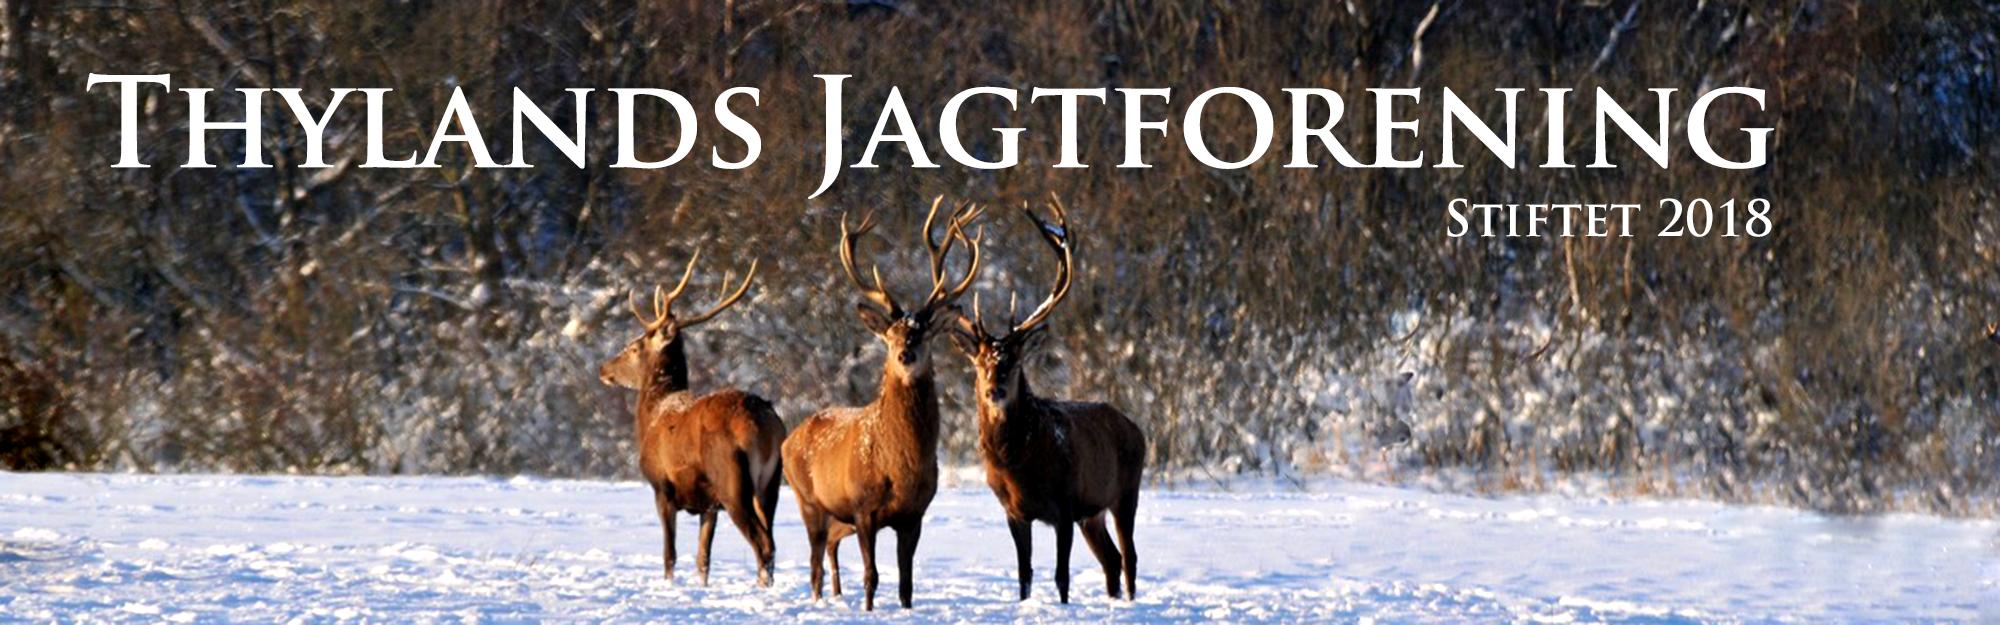 Thylands Jagtforening